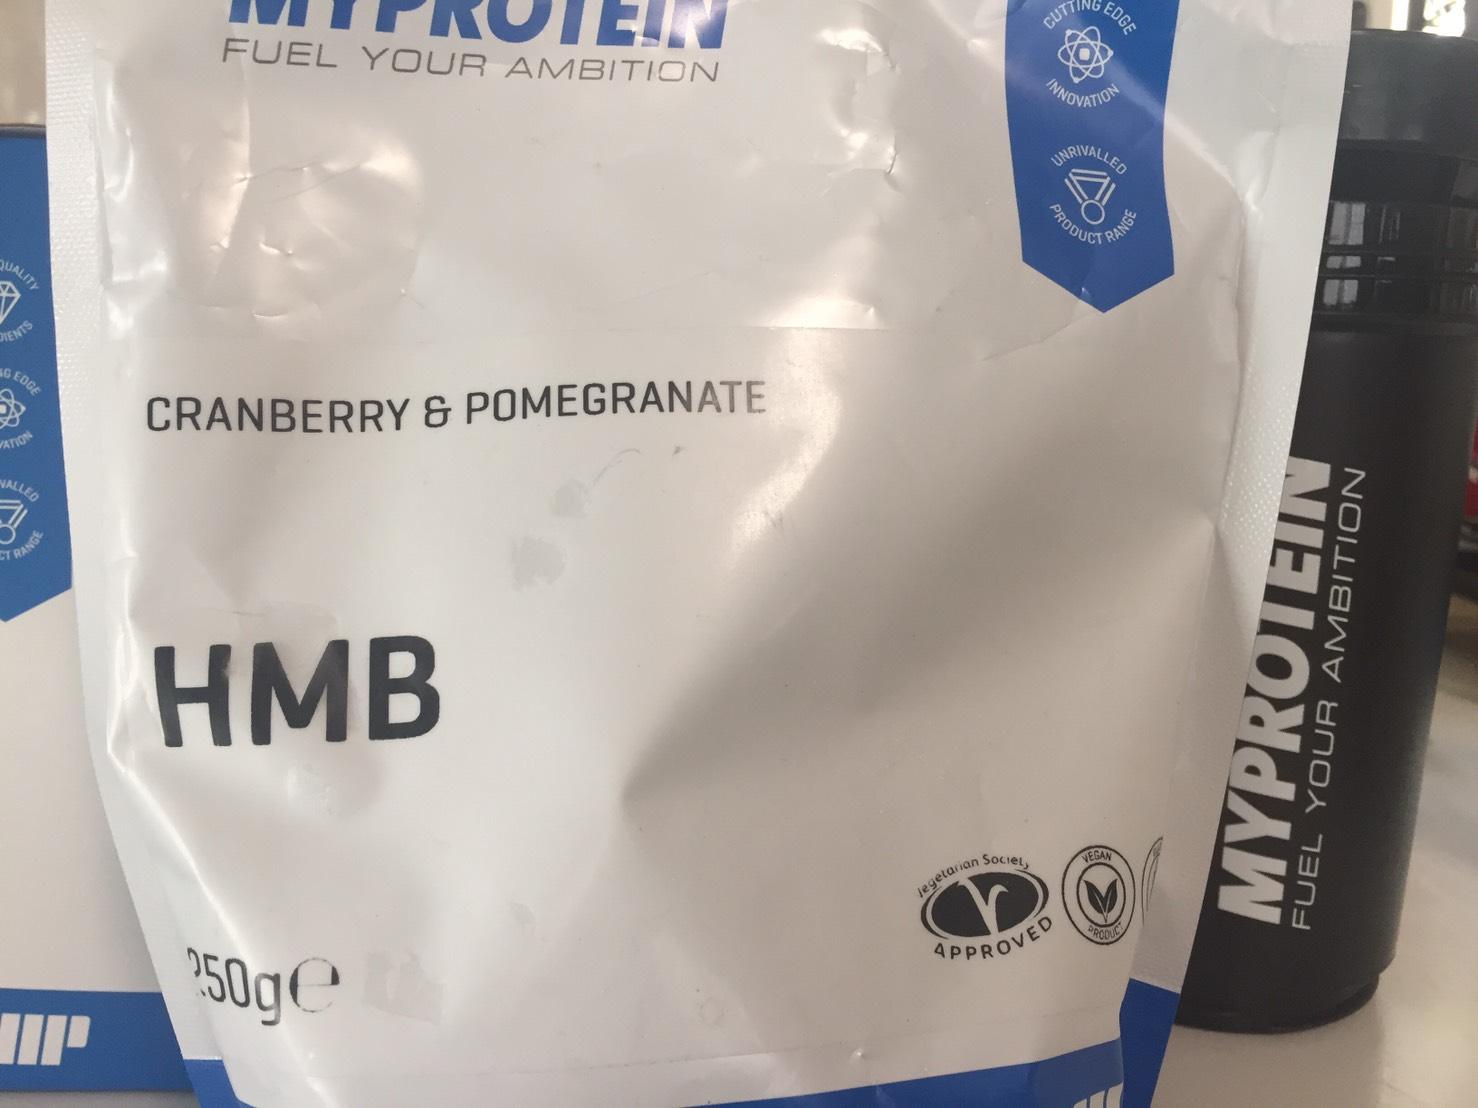 マイプロテインHMBのパッケージ